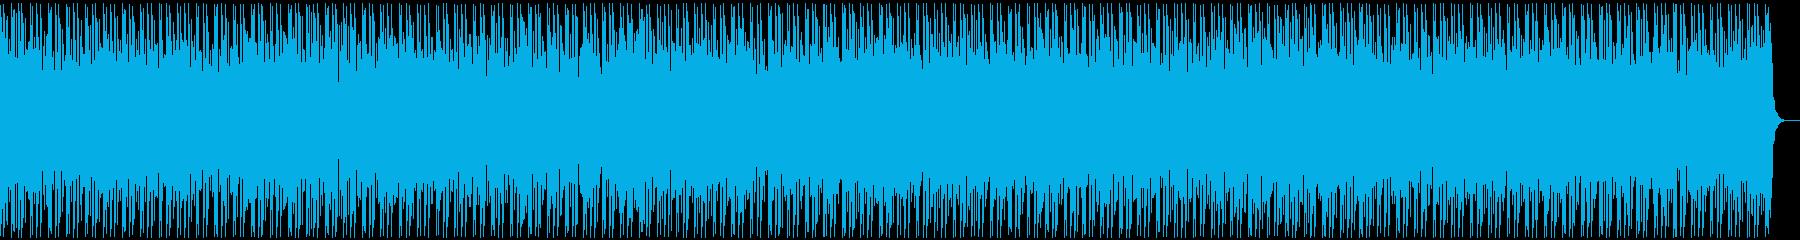 フリースタイル用ビート(あやしい)の再生済みの波形